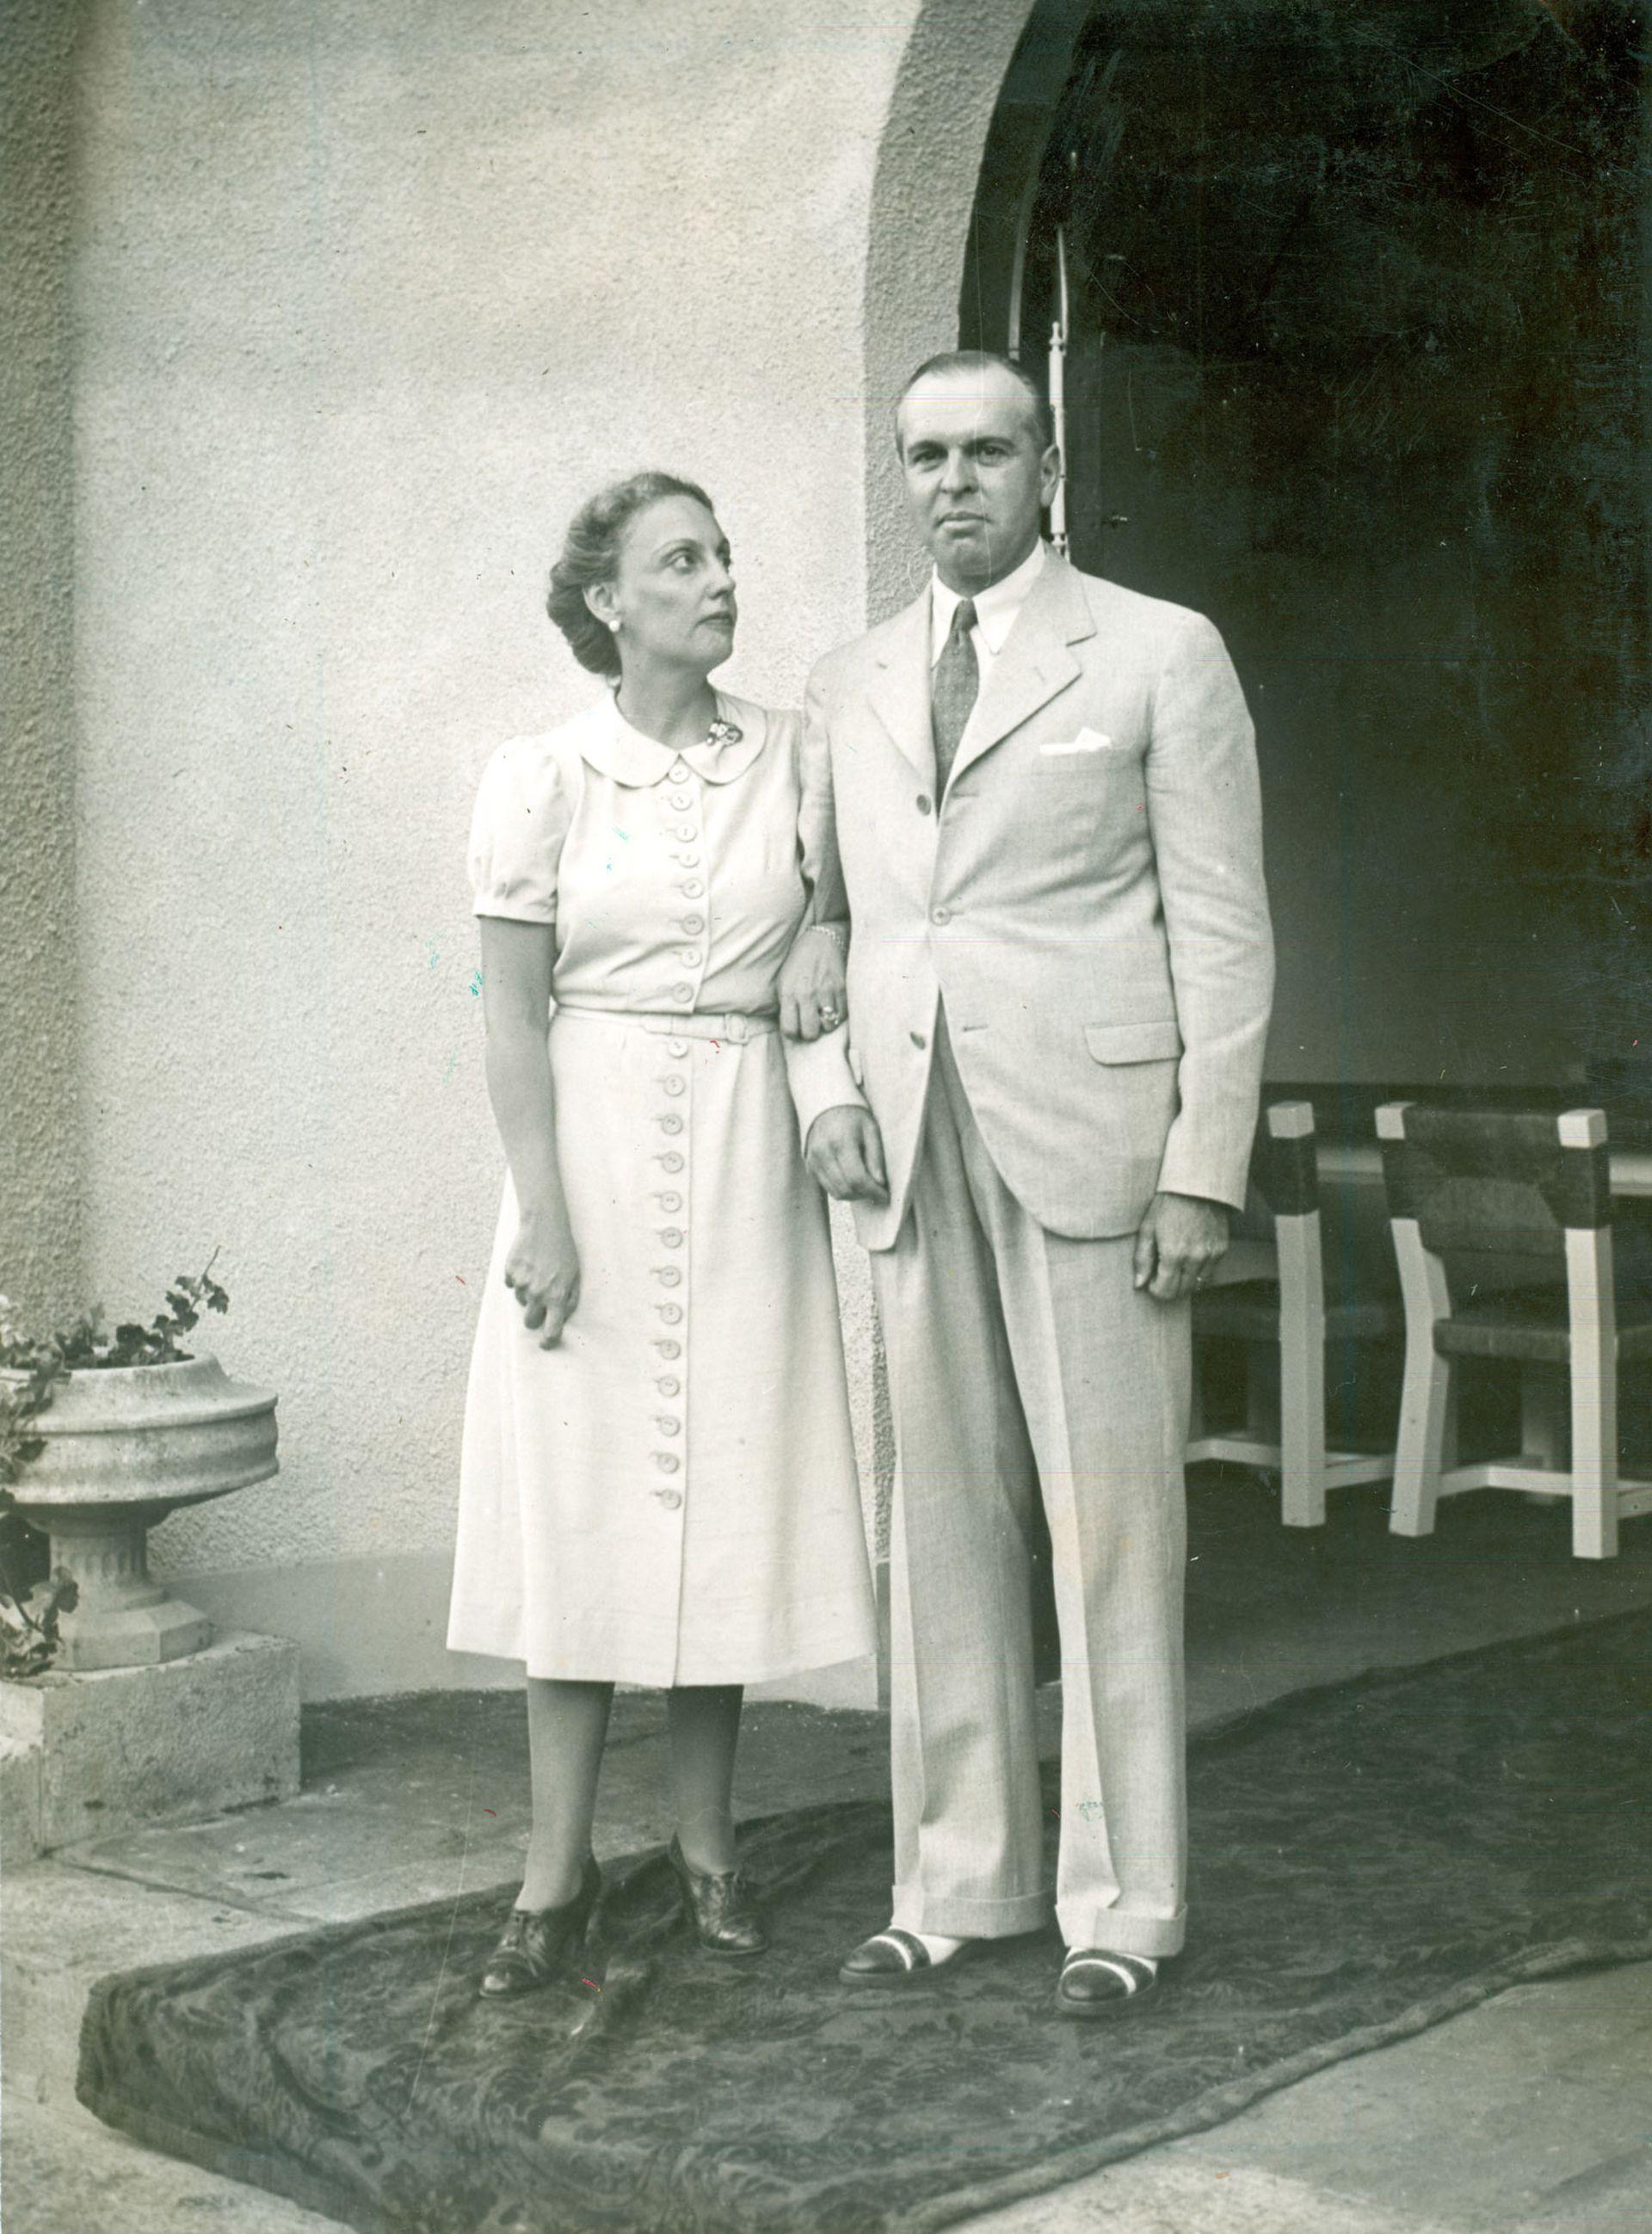 Justa Ester Dose y su marido Alfredo Zemborain, con motivo de sus bodas de plata. Fotografía tomada en la estancia El Recreo que la familia tenía en la localidad de Videla Dorna. 1938.